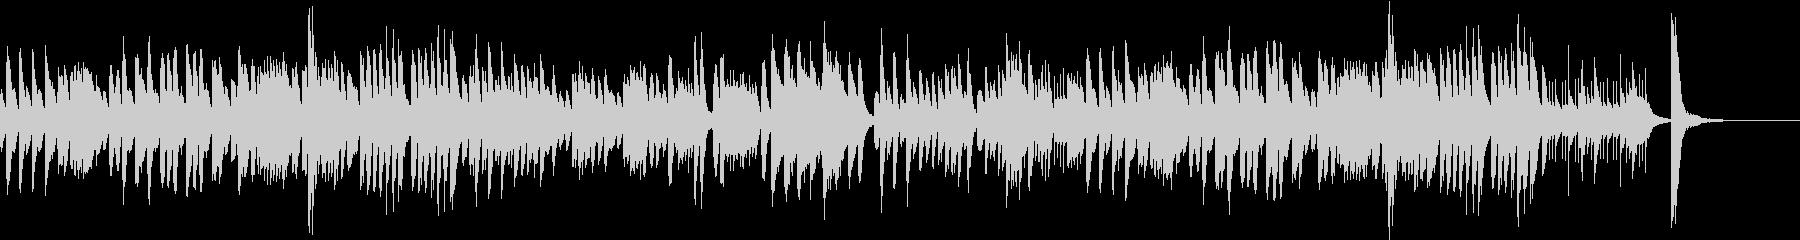 コミカルに展開する軽快なピアノソロの未再生の波形